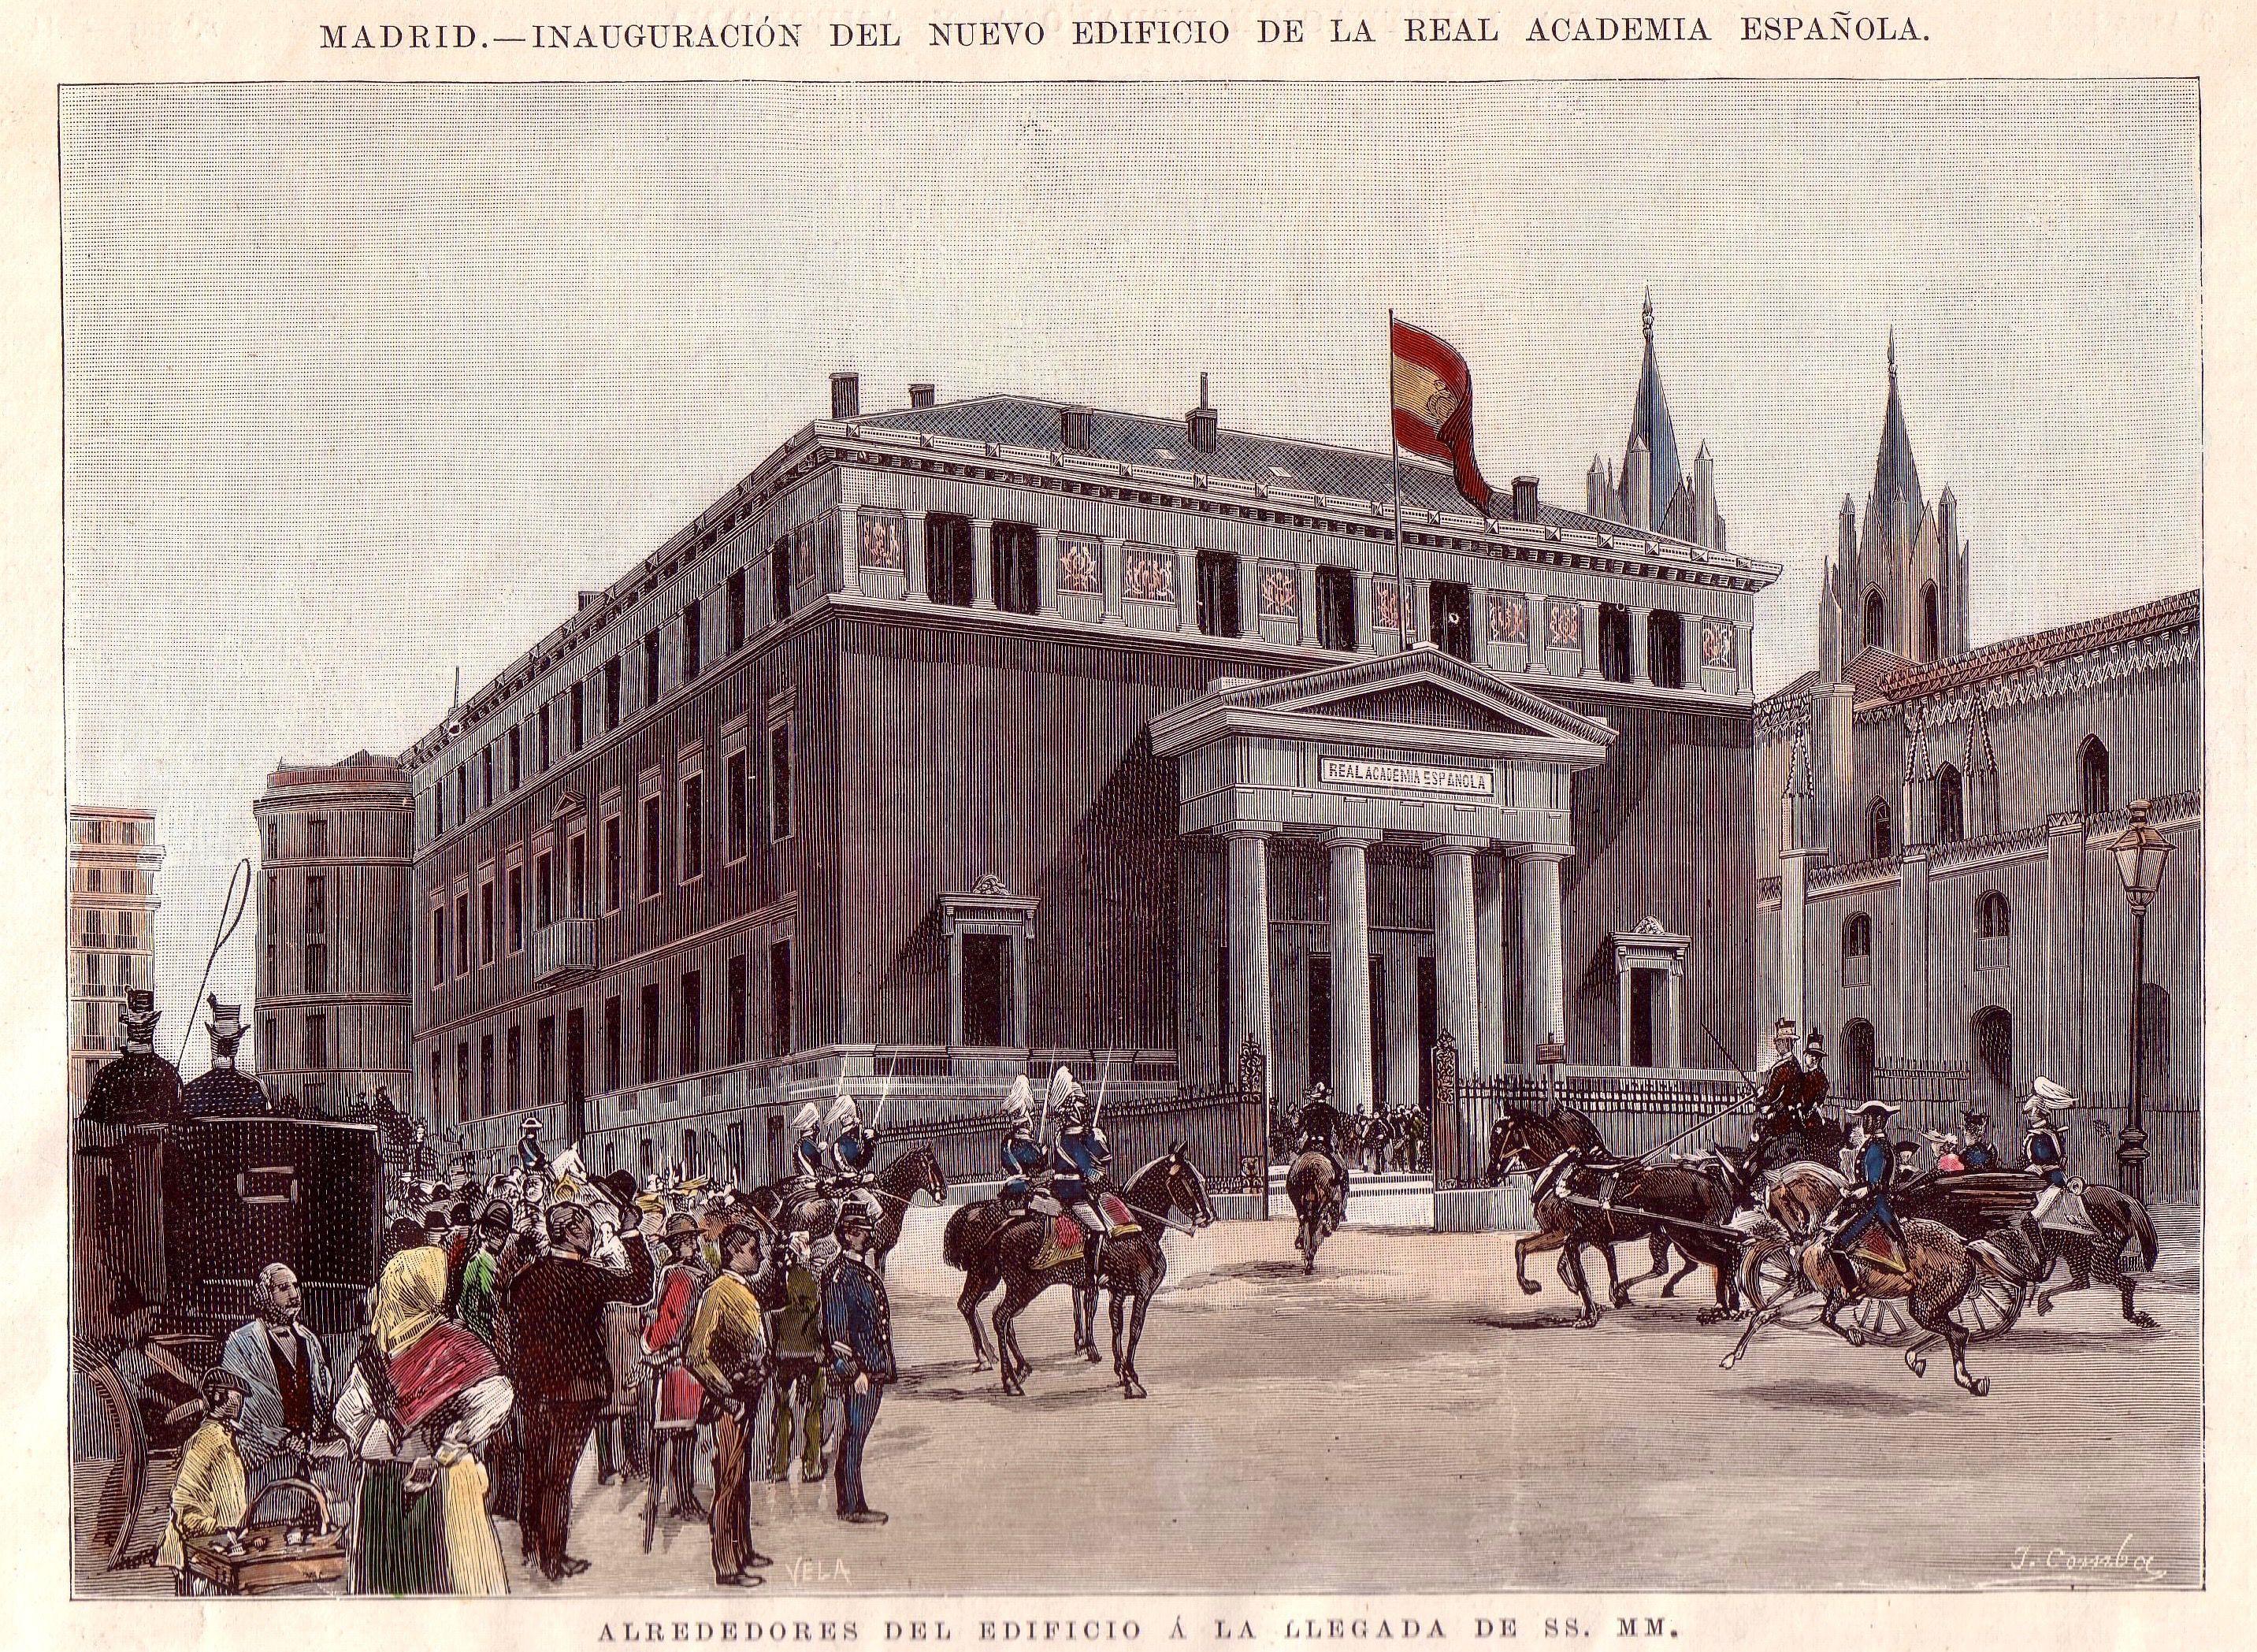 Inauguración del nuevo edificio de la Real Academia Española, en 1894. Crédito: autor Juan Comba. Web es.wikipedia.org